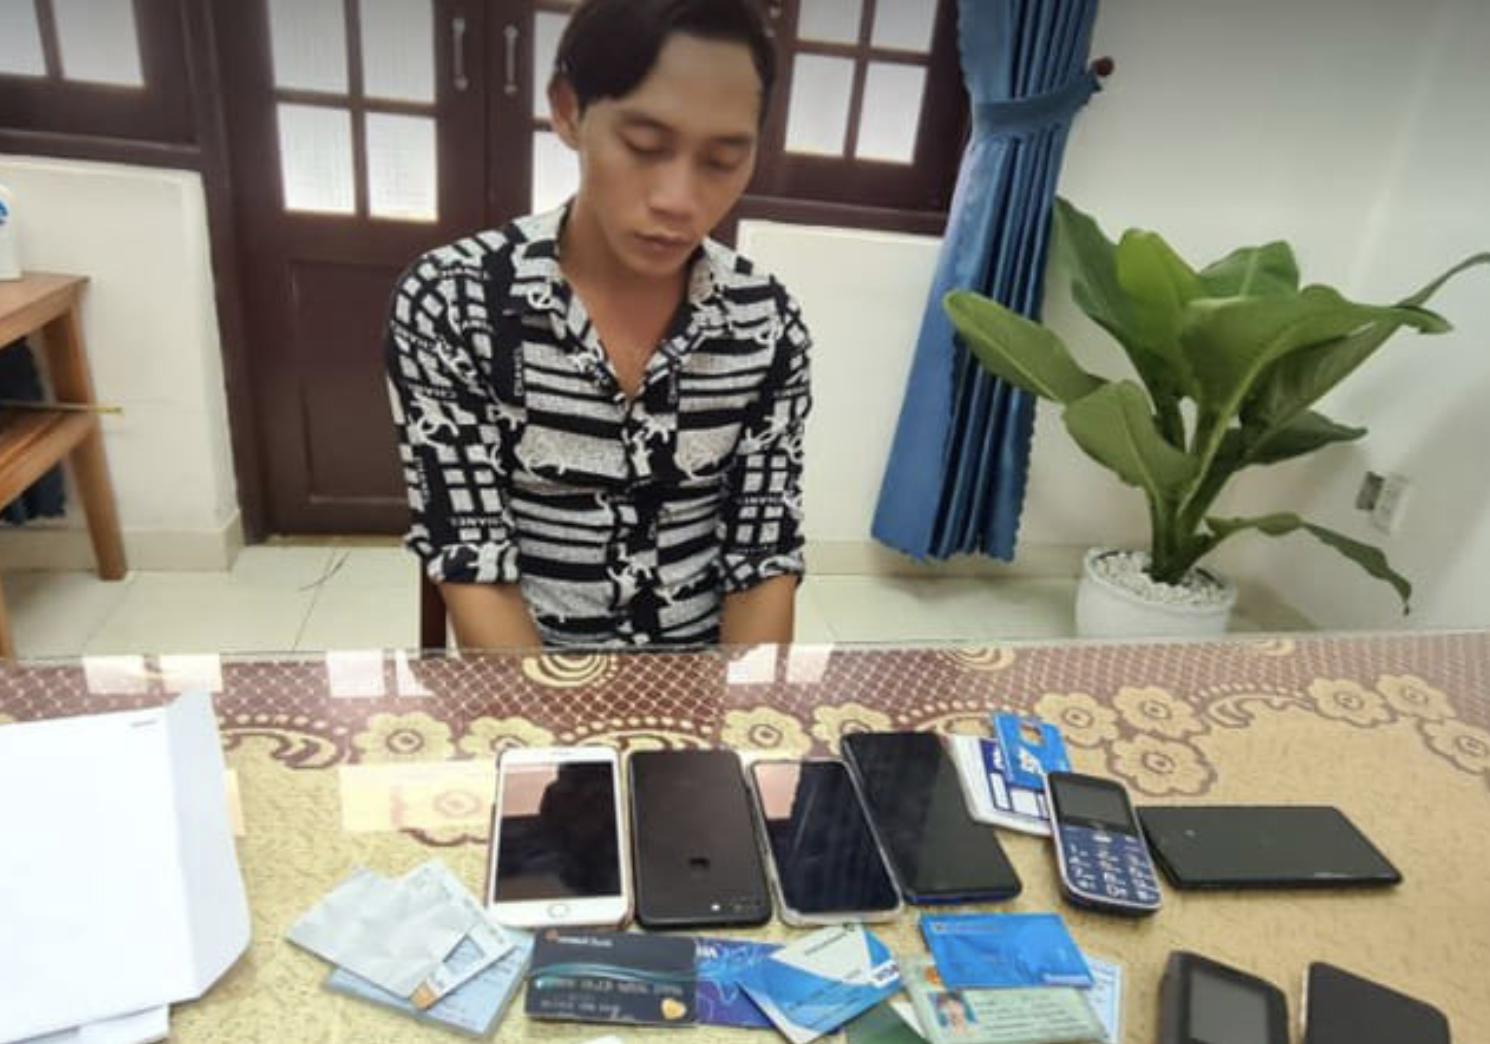 Kẻ chiếm đoạt 100 triệu đồng của vợ nạn nhân thuỷ điện Rào Trăng 3 bị bắt sau 3 ngày truy tìm - Ảnh 1.